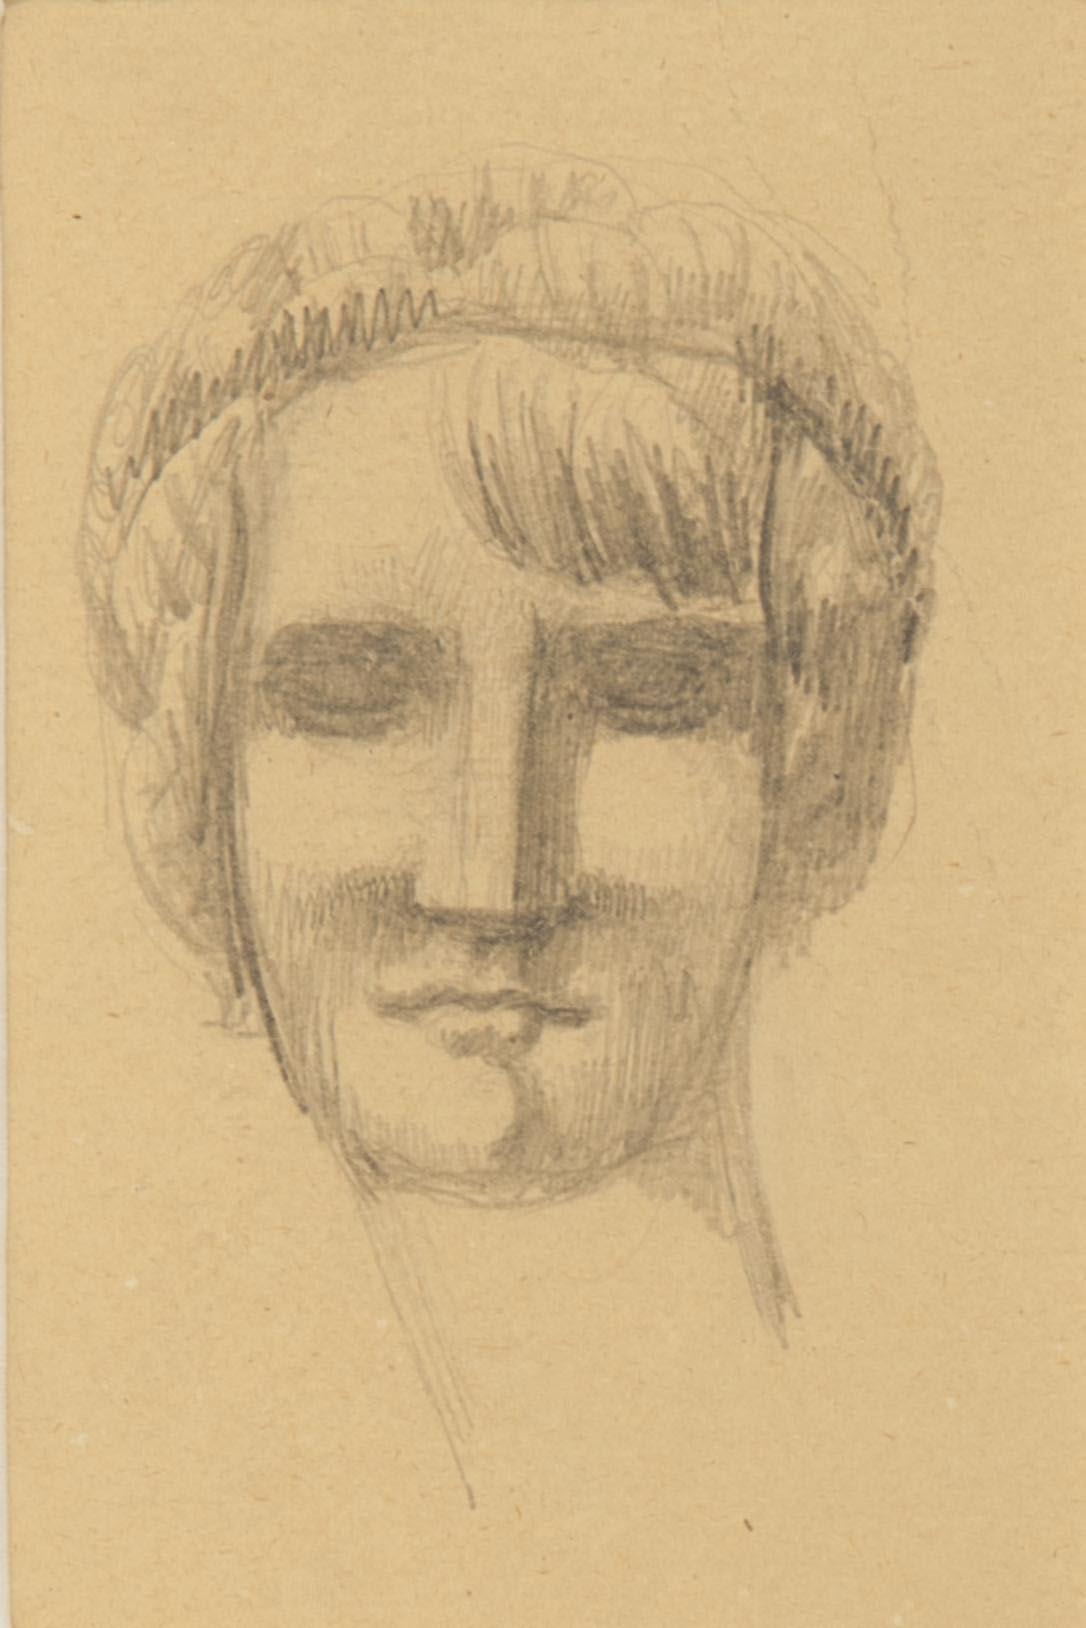 Elie Nadelman (AMERICAN, 1885-